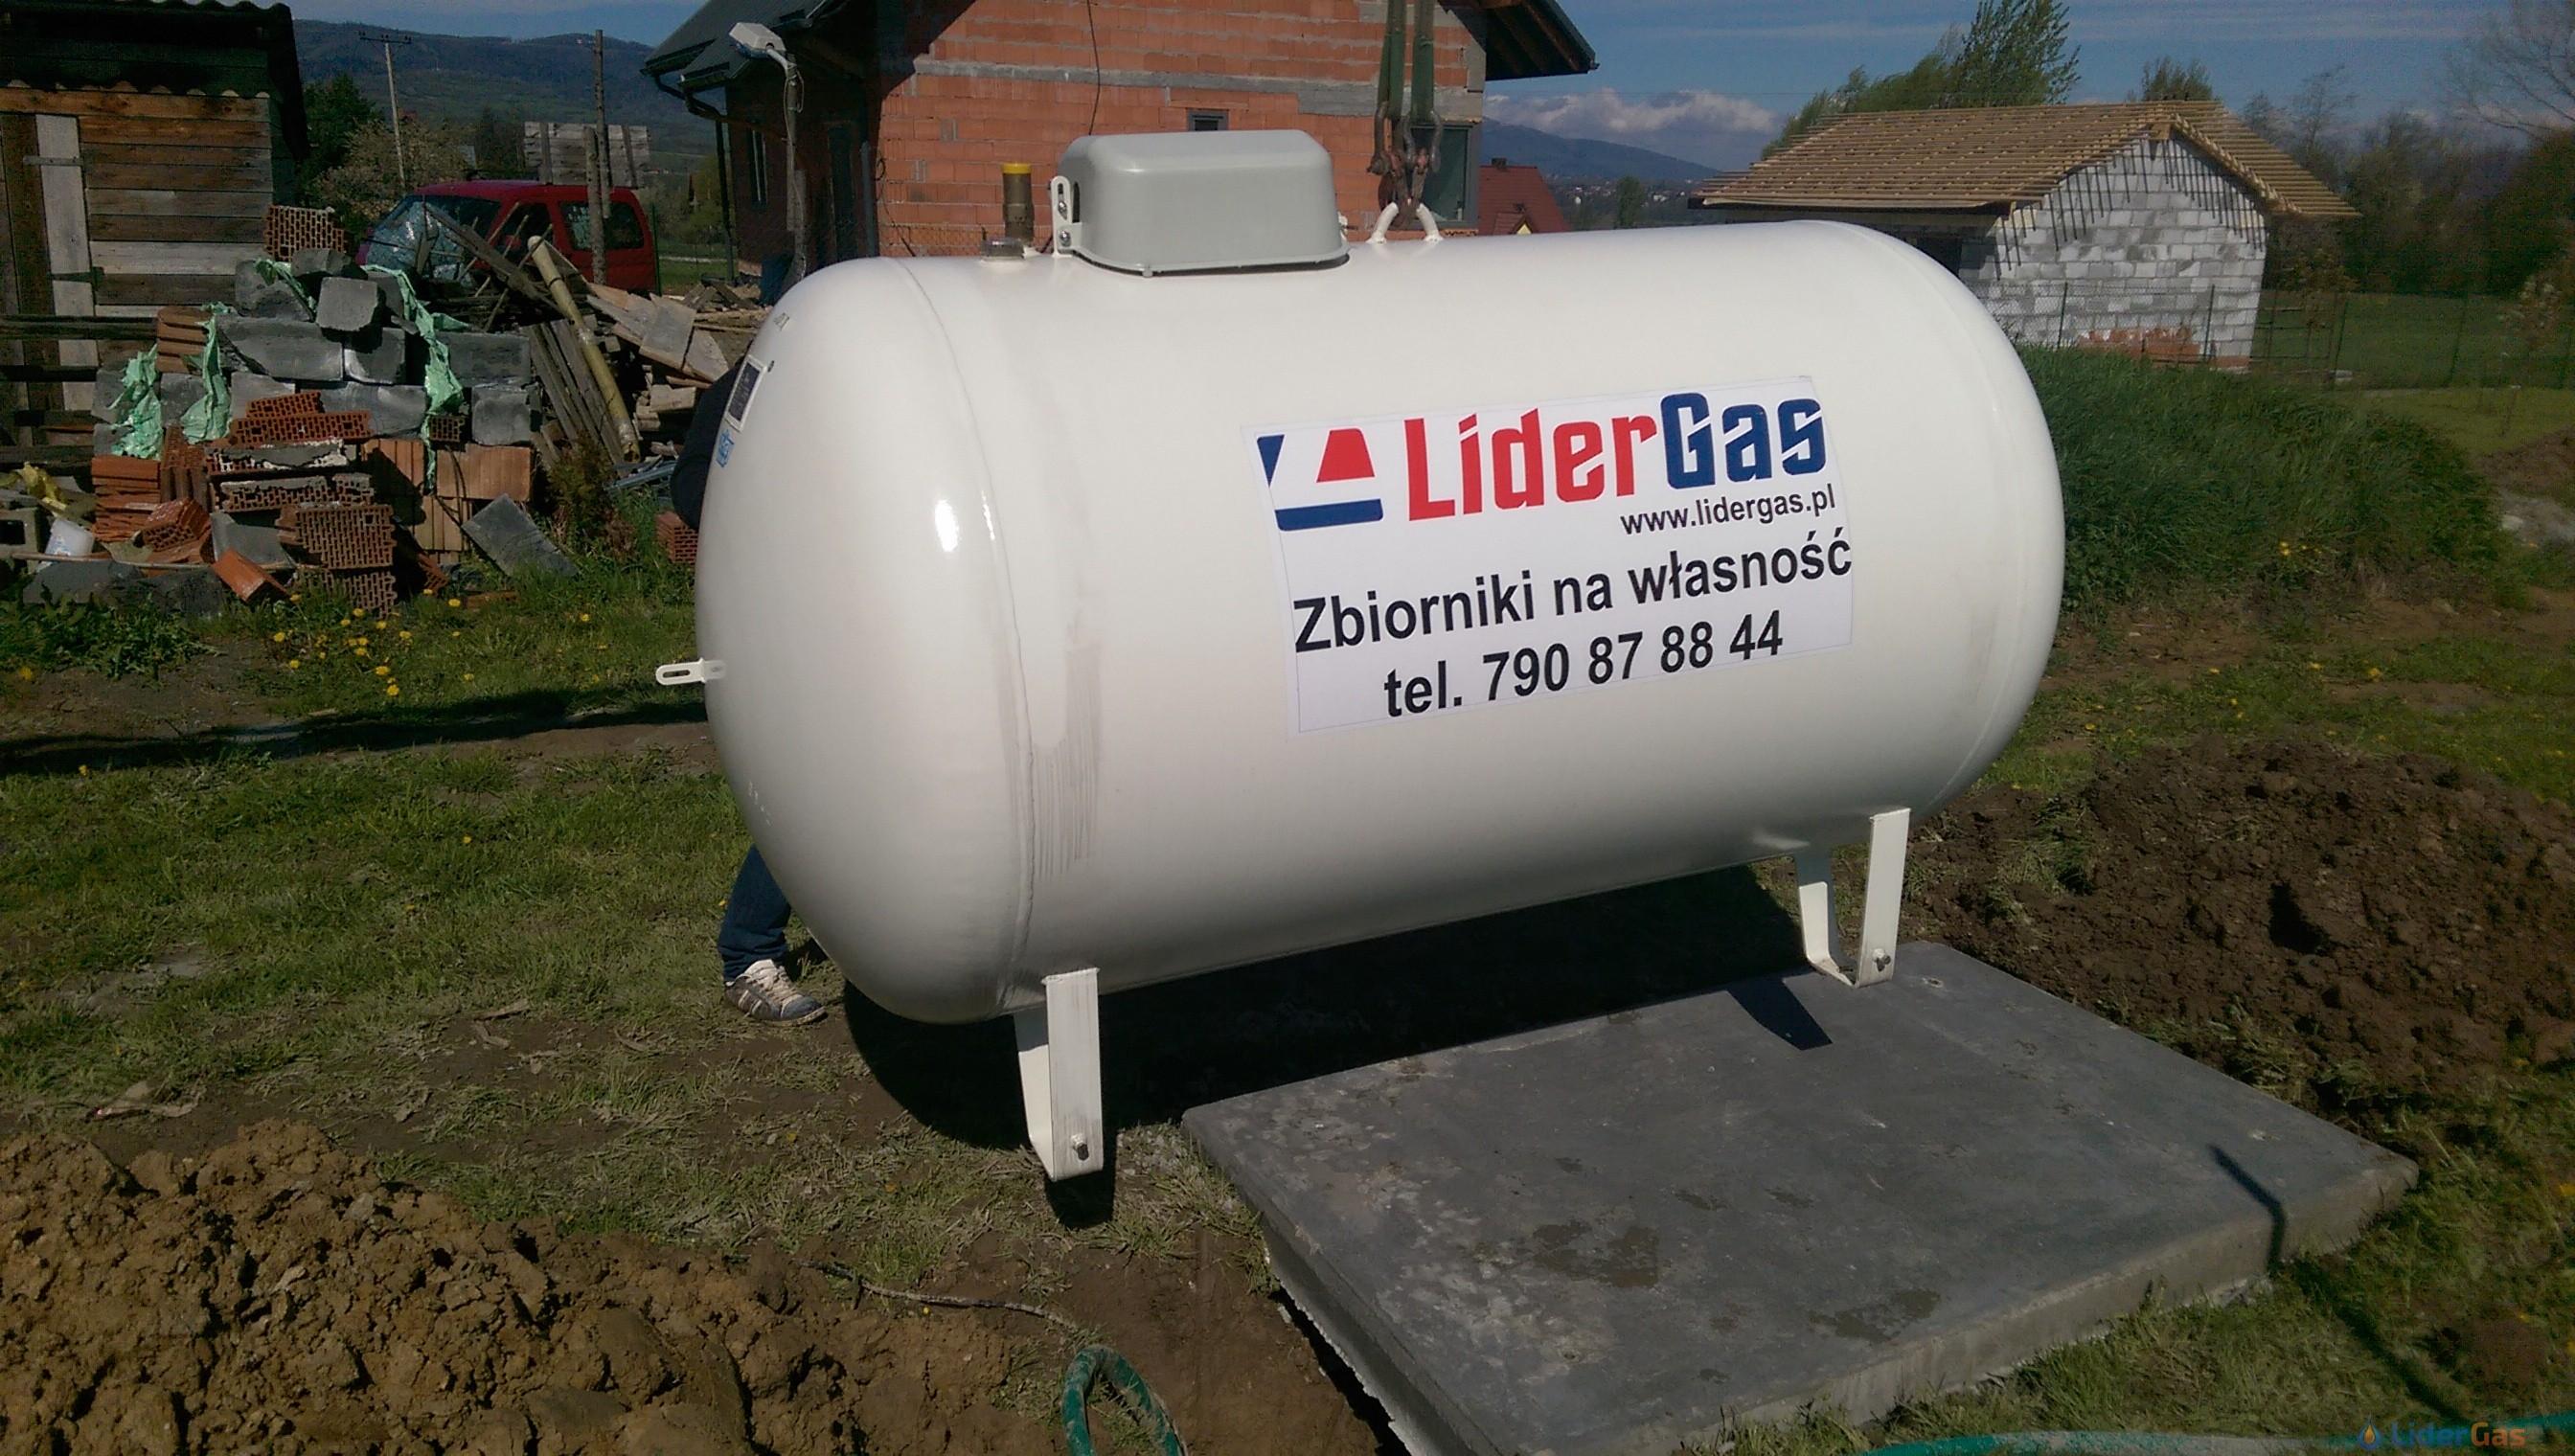 Zbiorniki na gaz płynny